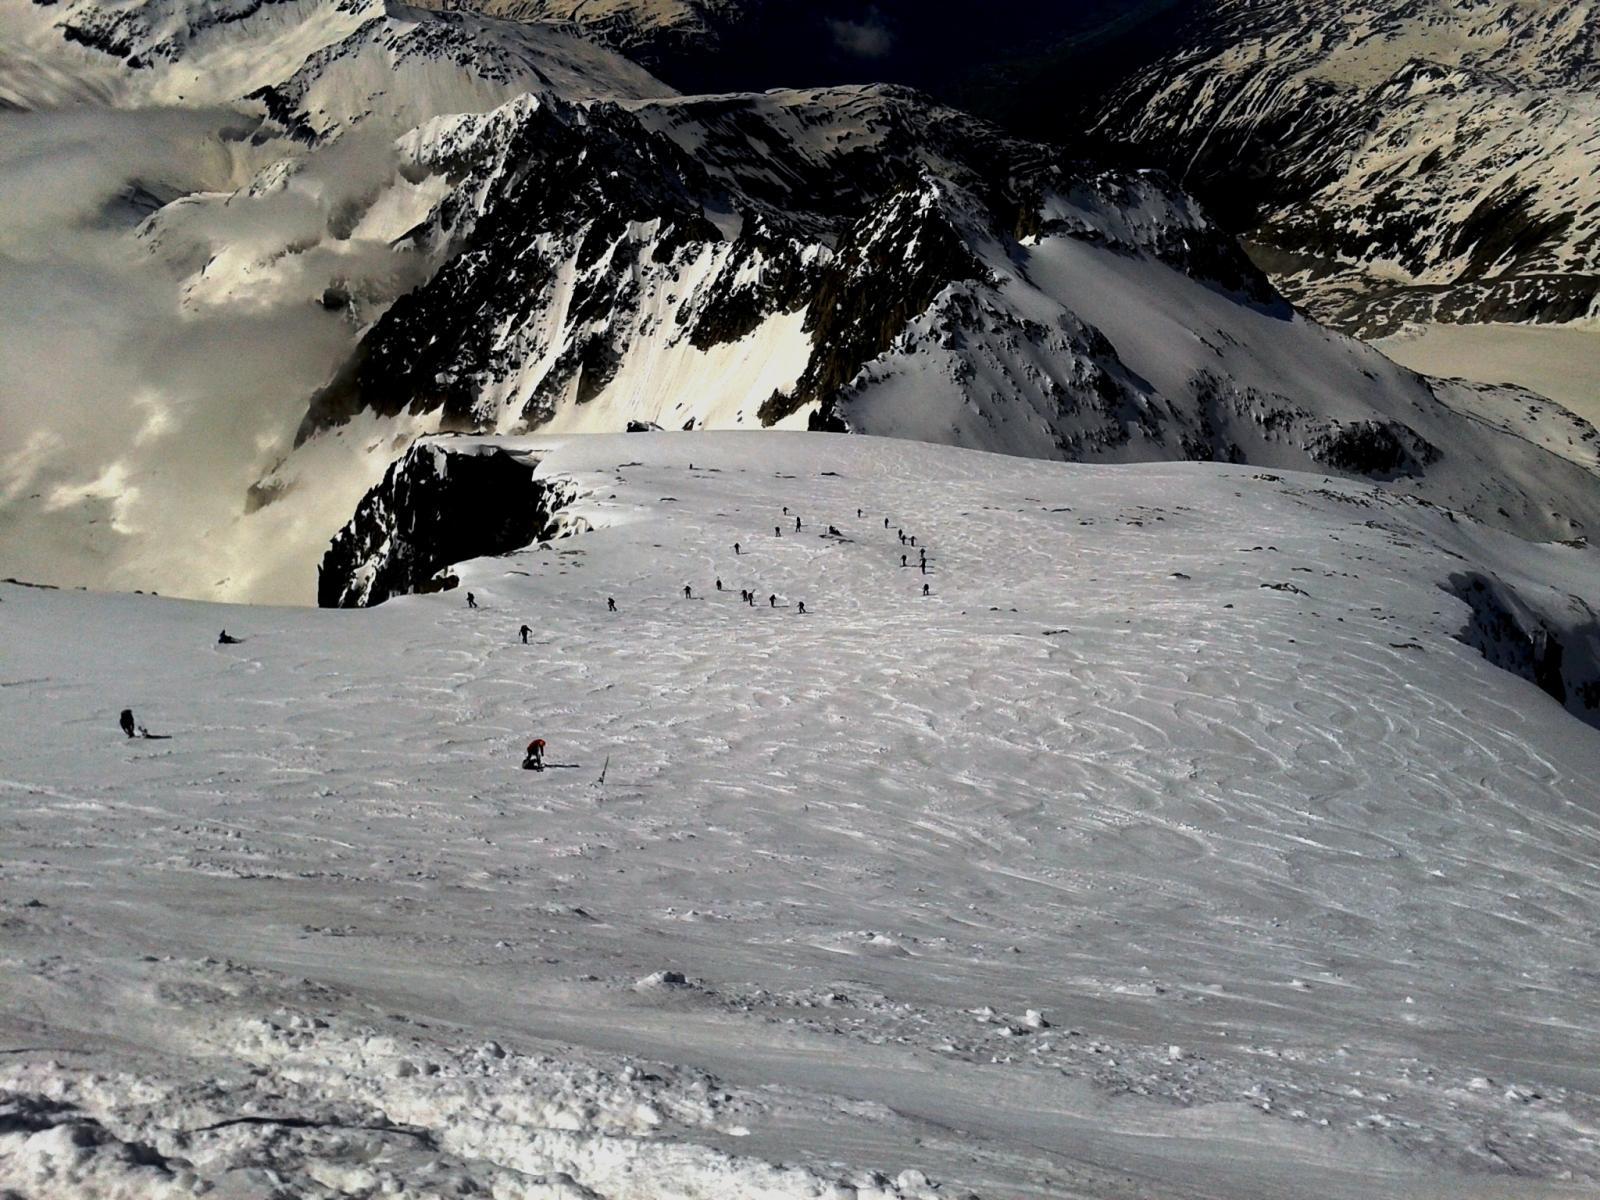 La pala finale vista dal deposito sci